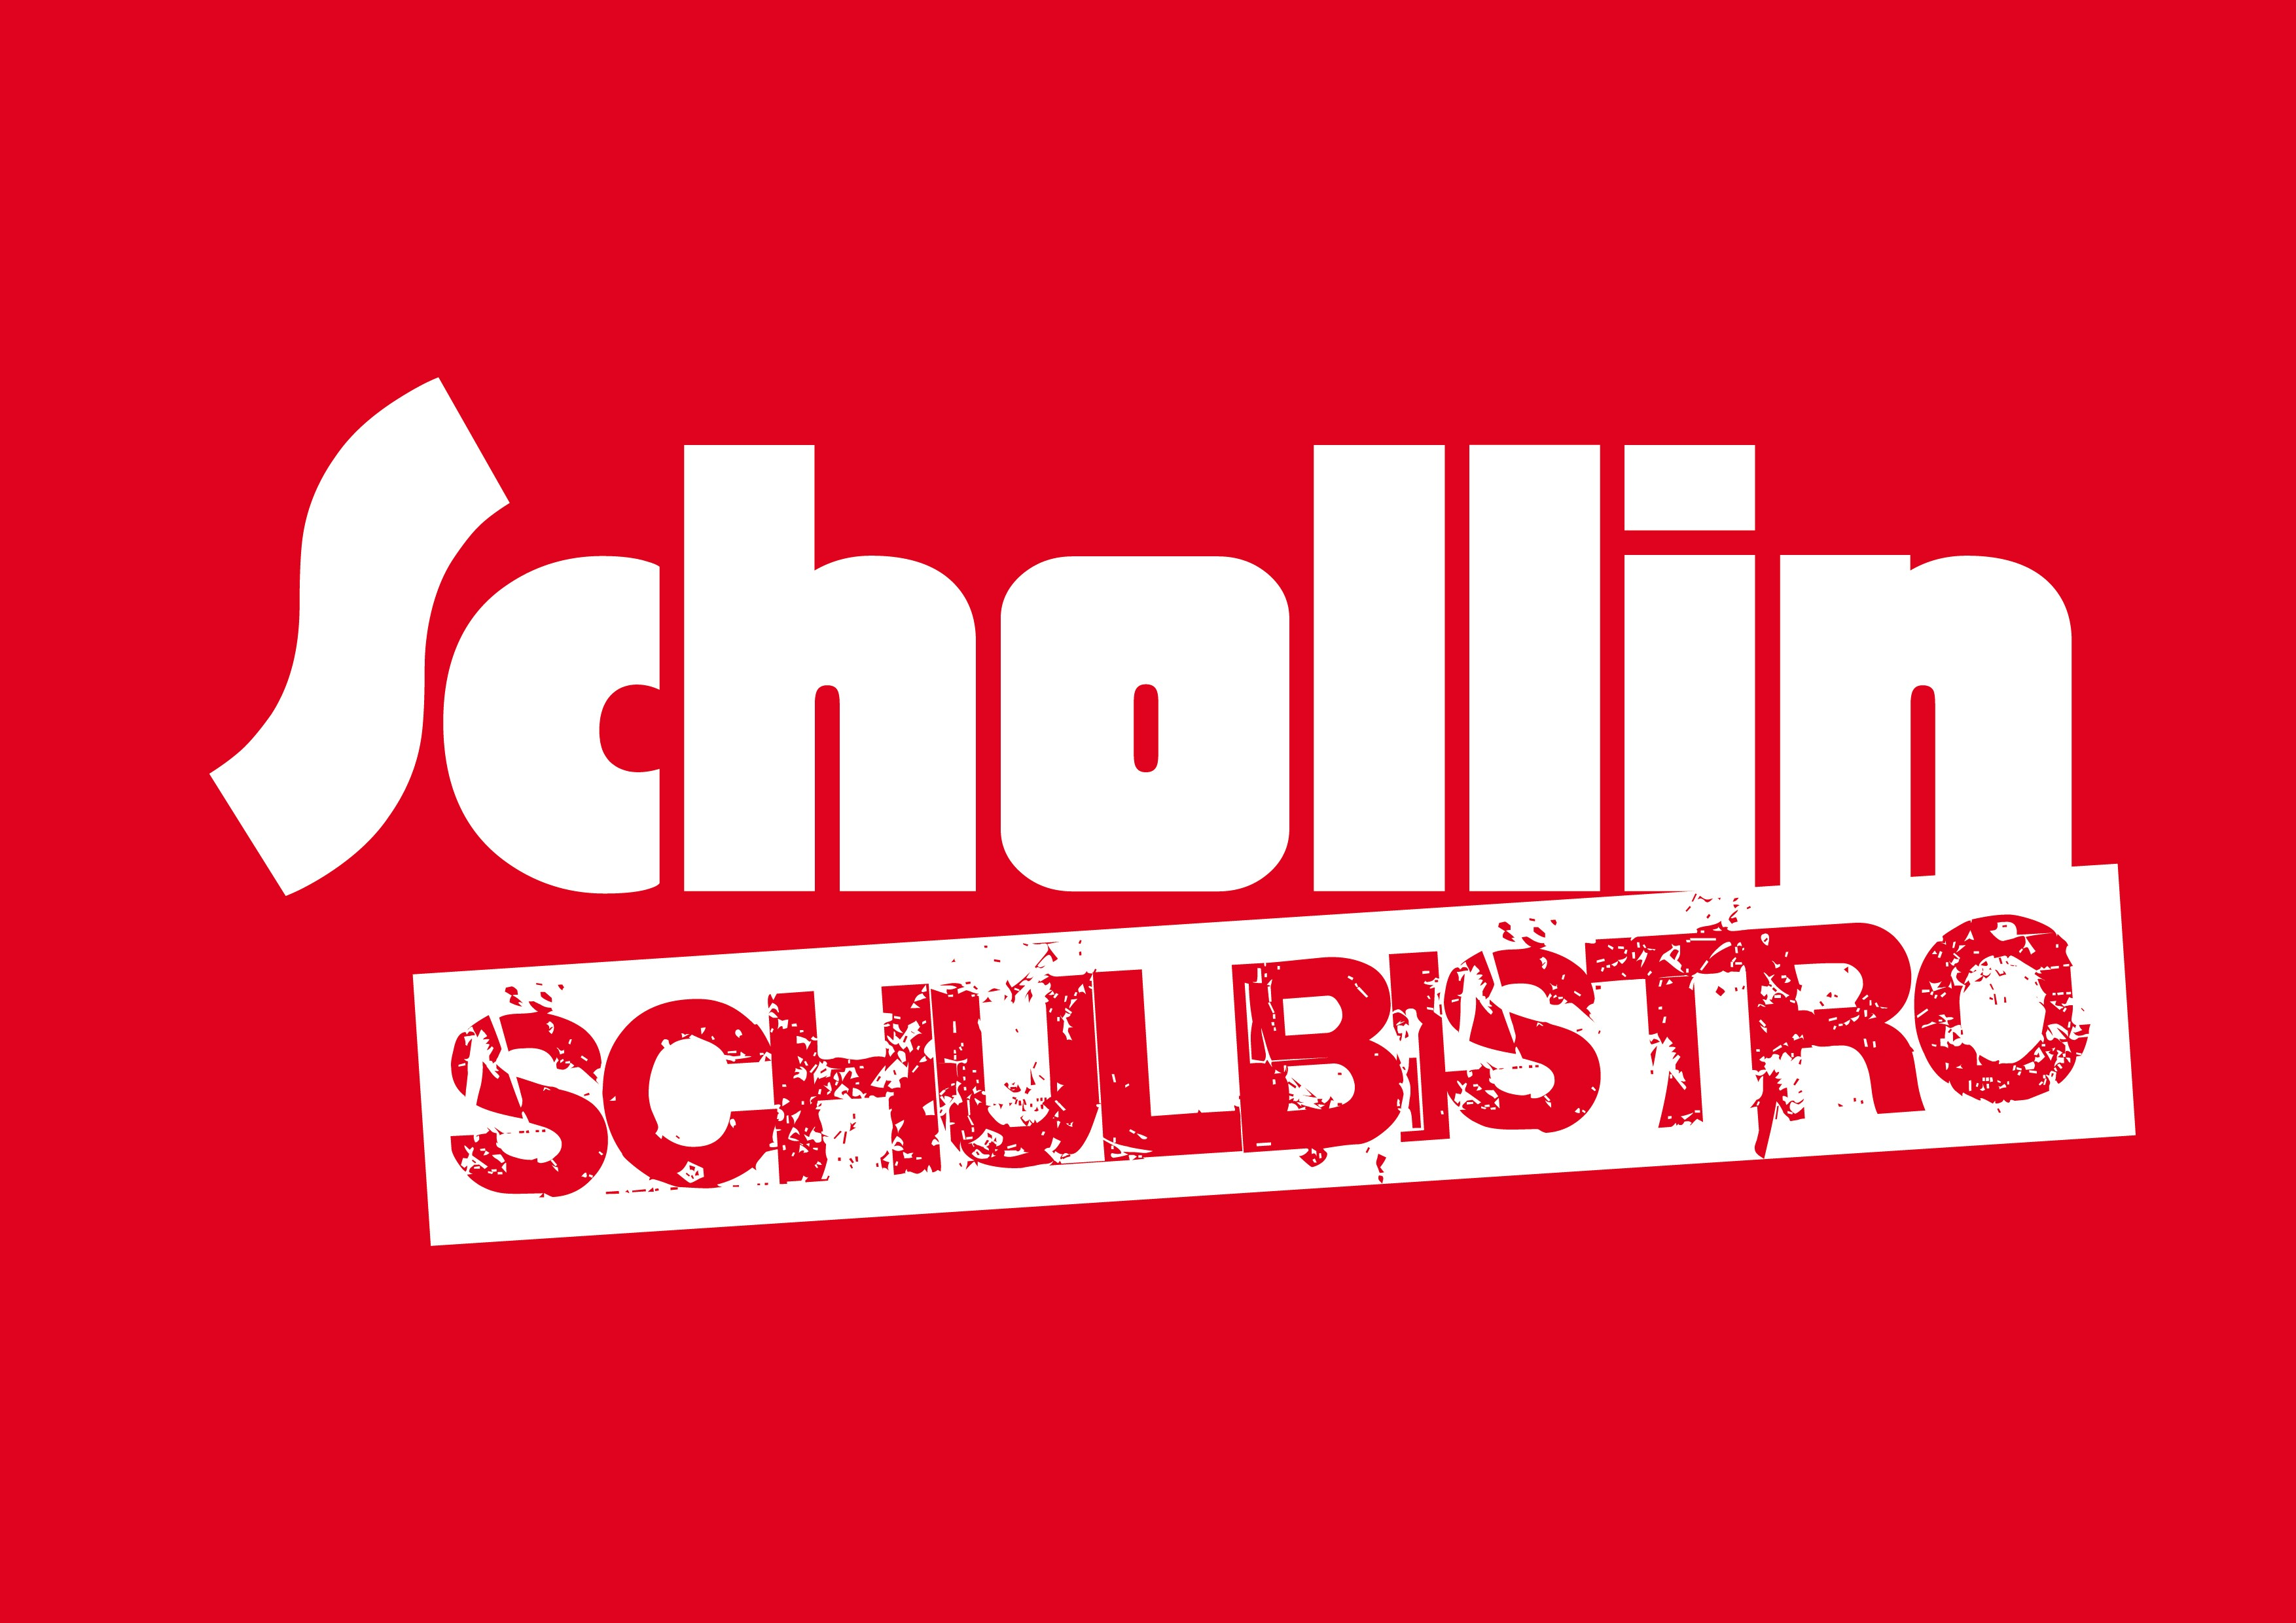 Schollin